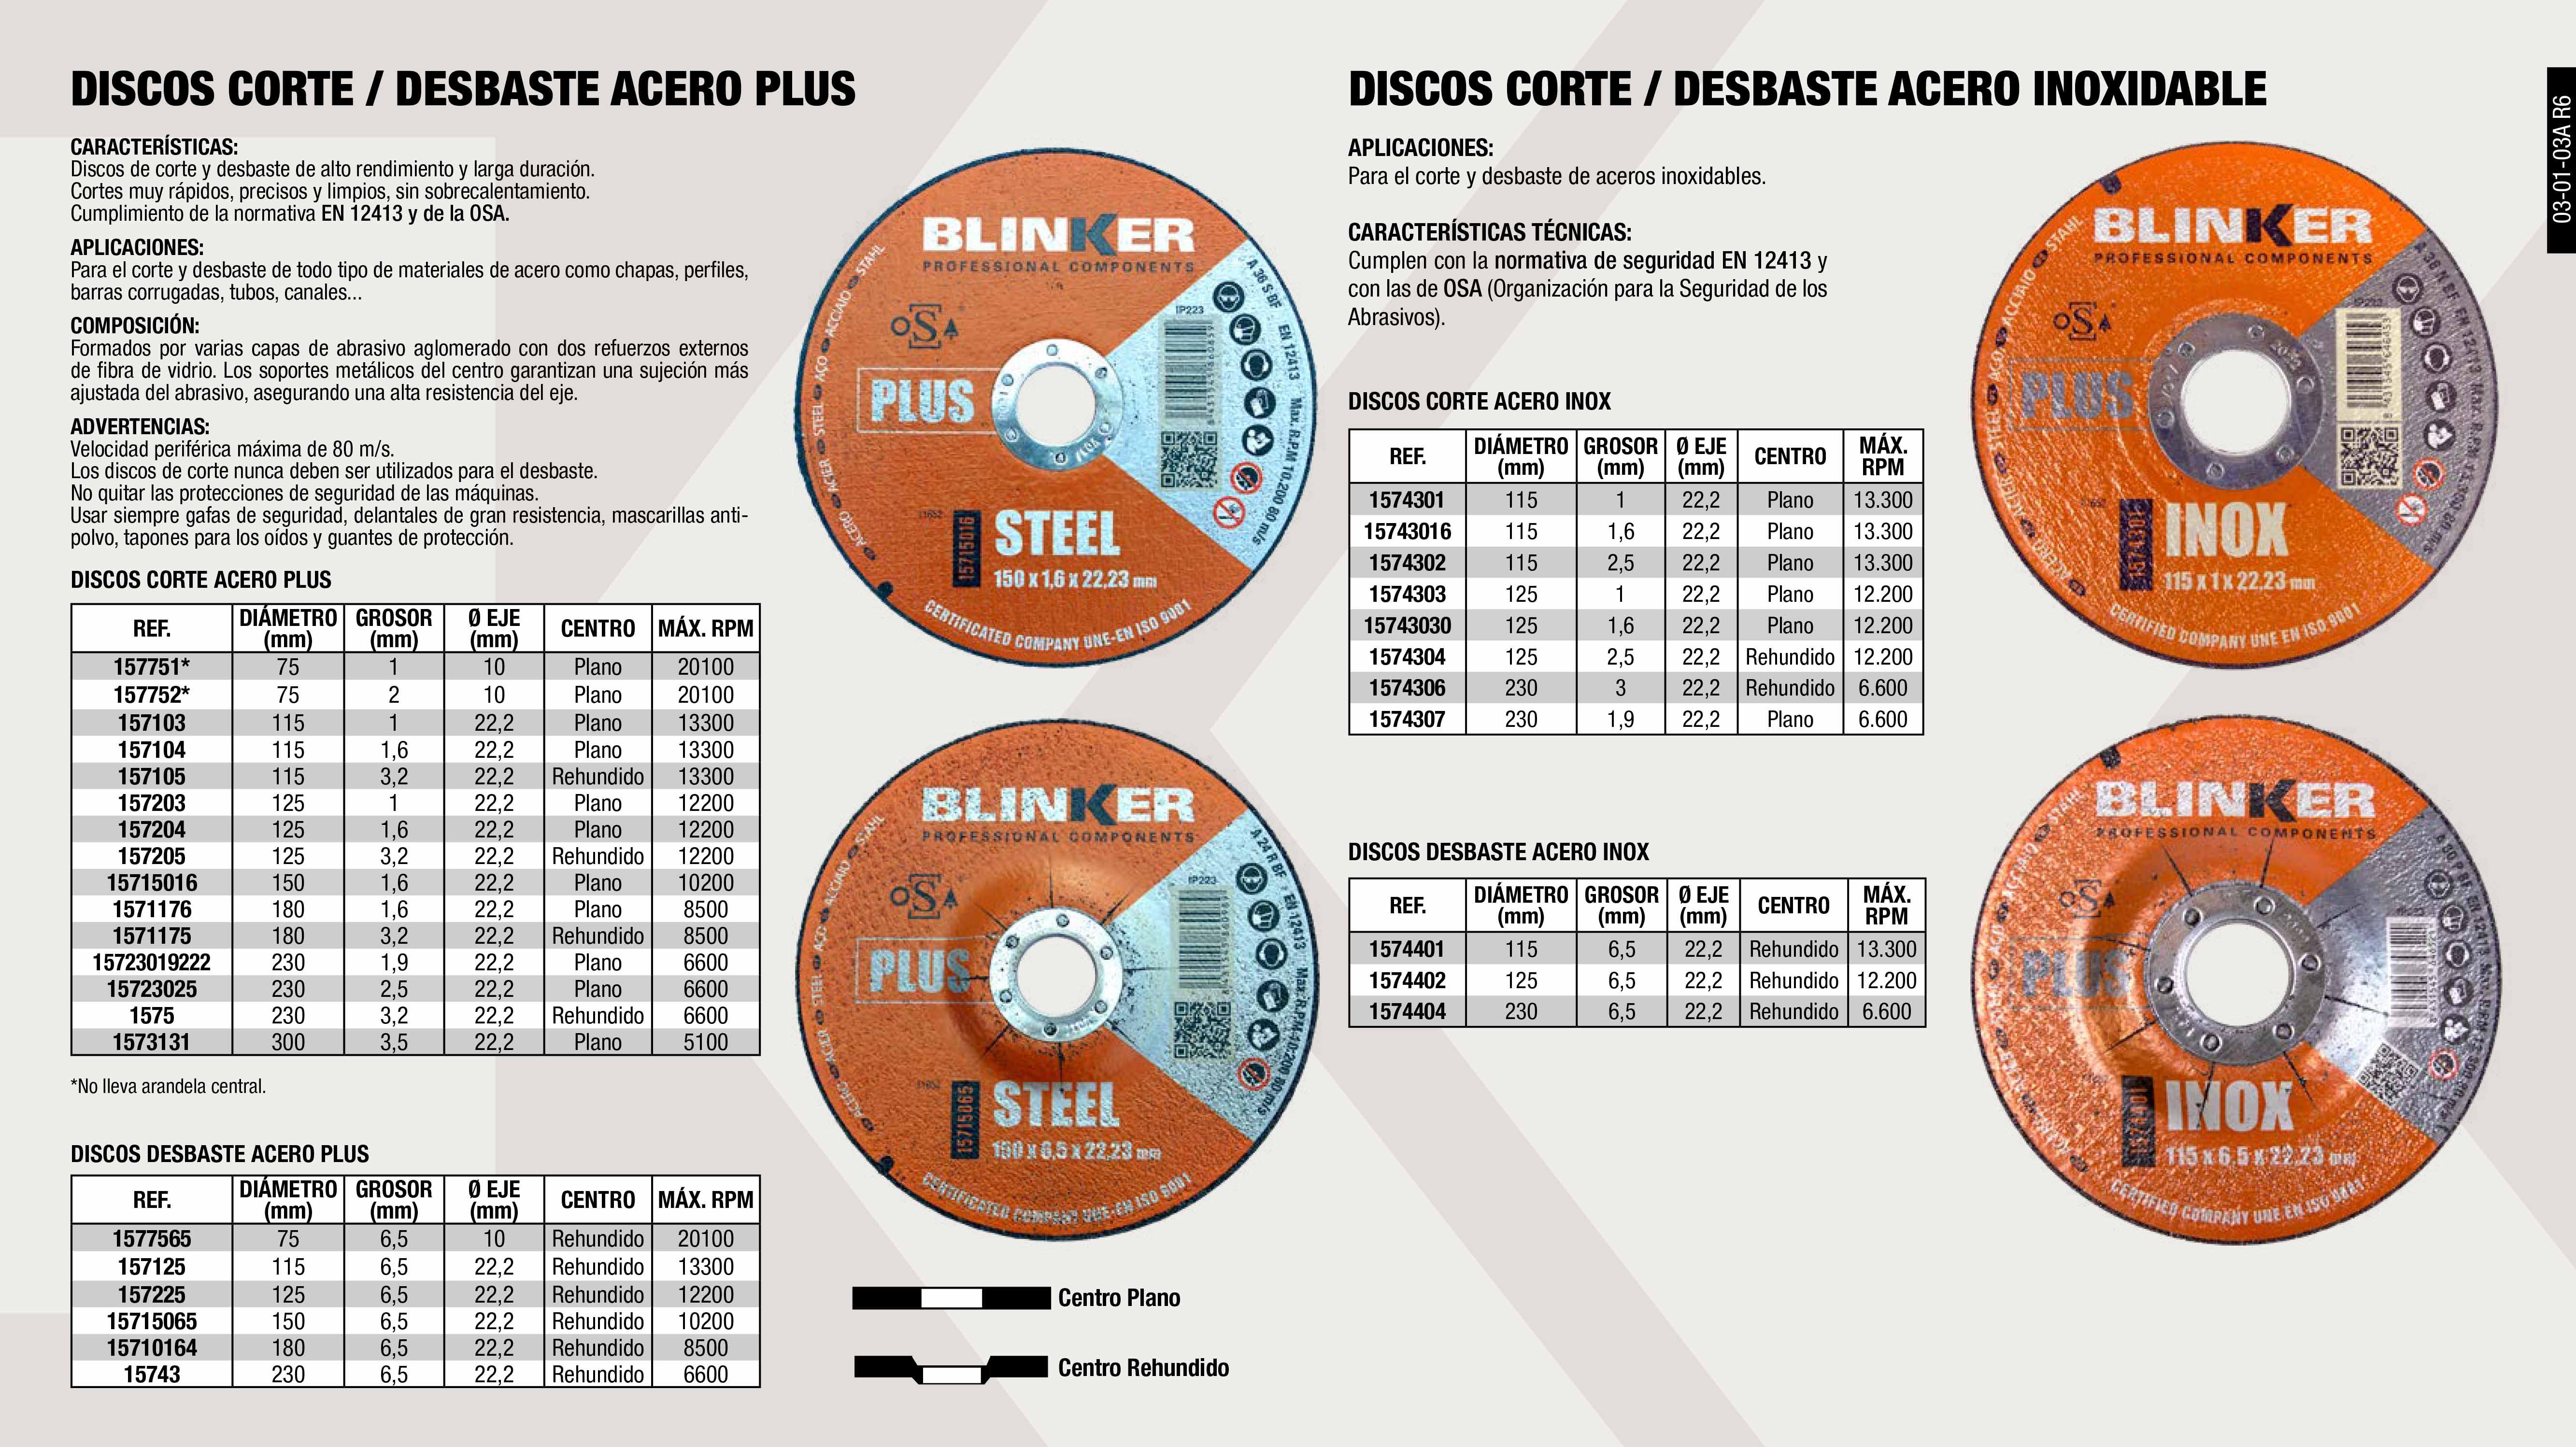 DISCO CORTE ACERO 115X3,2X22,2 PLUS                         ,  DISCO CORTE ACERO 230X3,2X22,2 PLUS                         ,  DISCO DESBASTE ACERO 230X6,5X22,2 PLUS                      ,  DISCO CORTE ACERO 150X1,6x22,2 PLUS                         ,  DISCO CORTE ACERO 75X2X10 PLUS                              ,  DISCO CORTE 115X1X22 INOX                                   ,  DISCO CORTE ACERO 125X1,6X22,2 PLUS                         ,  DISCO CORTE 125X1X22 INOX                                   ,  DISCO CORTE 230X3X22 INOX                                   ,  DISCO DESBASTE 230X6,5X22 INOX                              ,  DISCO DESBASTE ACERO 115X6,5X22,2 PLUS                      ,  DISCO DESBASTE ACERO 125X6,5X22,2 PLUS                      ,  DISCO CORTE 115X1.6X22 INOX                                 ,  DISCO CORTE ACERO 115X1X22,2 PLUS                           ,  DISCO CORTE 230X1,9X22,2 INOX                               ,  DISCO CORTE ACERO 150X2,5x22,2 PLUS                         ,  DISCO CORTE ACERO 125X3,2X22,2 PLUS                         ,  DISCO DESBASTE ACERO 180X6,5X22,2 PLUS                      ,  DISCO CORTE ACERO 300X3,5X22,2 PLUS                         ,  DISCO DESBASTE ACERO 150X6.5X22.2 PLUS                      ,  DISCO CORTE 125X1.6X22 INOX                                 ,  DISCO CORTE 180X2,5X22 INOX                                 ,  DISCO CORTE ACERO 230X1.9X22.2 PLUS                         ,  DISCO DESBASTE ACERO 75X6,5X10 PLUS                         ,  DISCO CORTE 125X2,5X22 INOX                                 ,  DISCO CORTE ACERO 115X1,6X22,2 PLUS                         ,  DISCO DESBASTE 115X6,5X22 INOX                              ,  DISCO CORTE ACERO 150X3,2x22,2 PLUS                         ,  DISCO CORTE ACERO 75X1X10 PLUS                              ,  DISCO CORTE 115X2,5X22 INOX                                 ,  DISCO CORTE ACERO 180X1,6X22,2 PLUS                         ,  DISCO DESBASTE 125X6,5X22 INOX                 